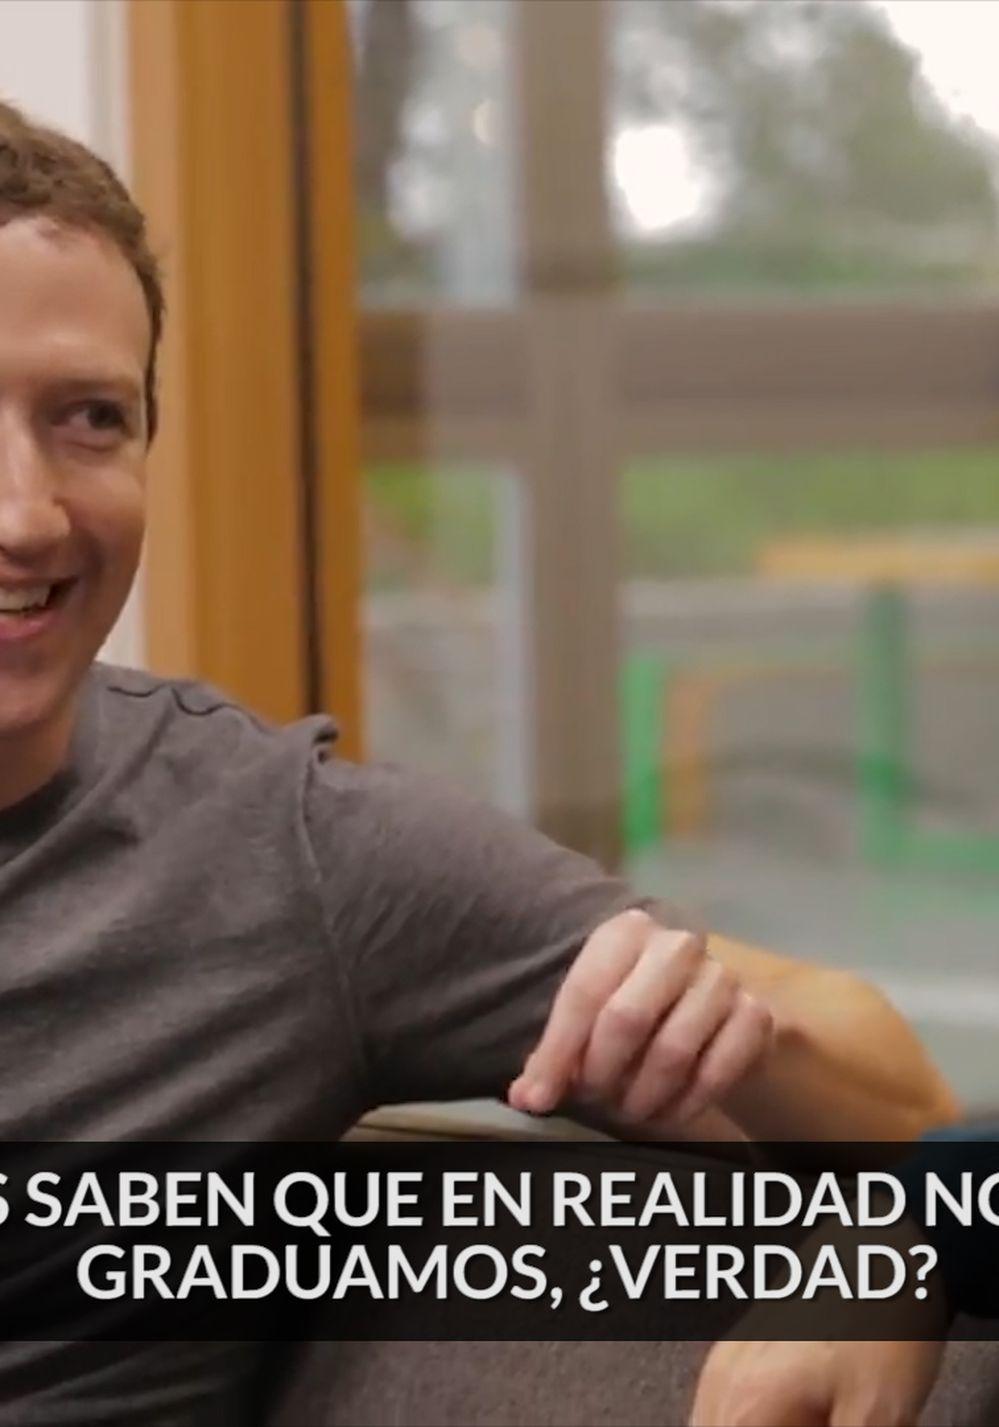 Bill Gates y Mark Zuckerberg quisieron ser graciosos y protagonizaron un grotesco